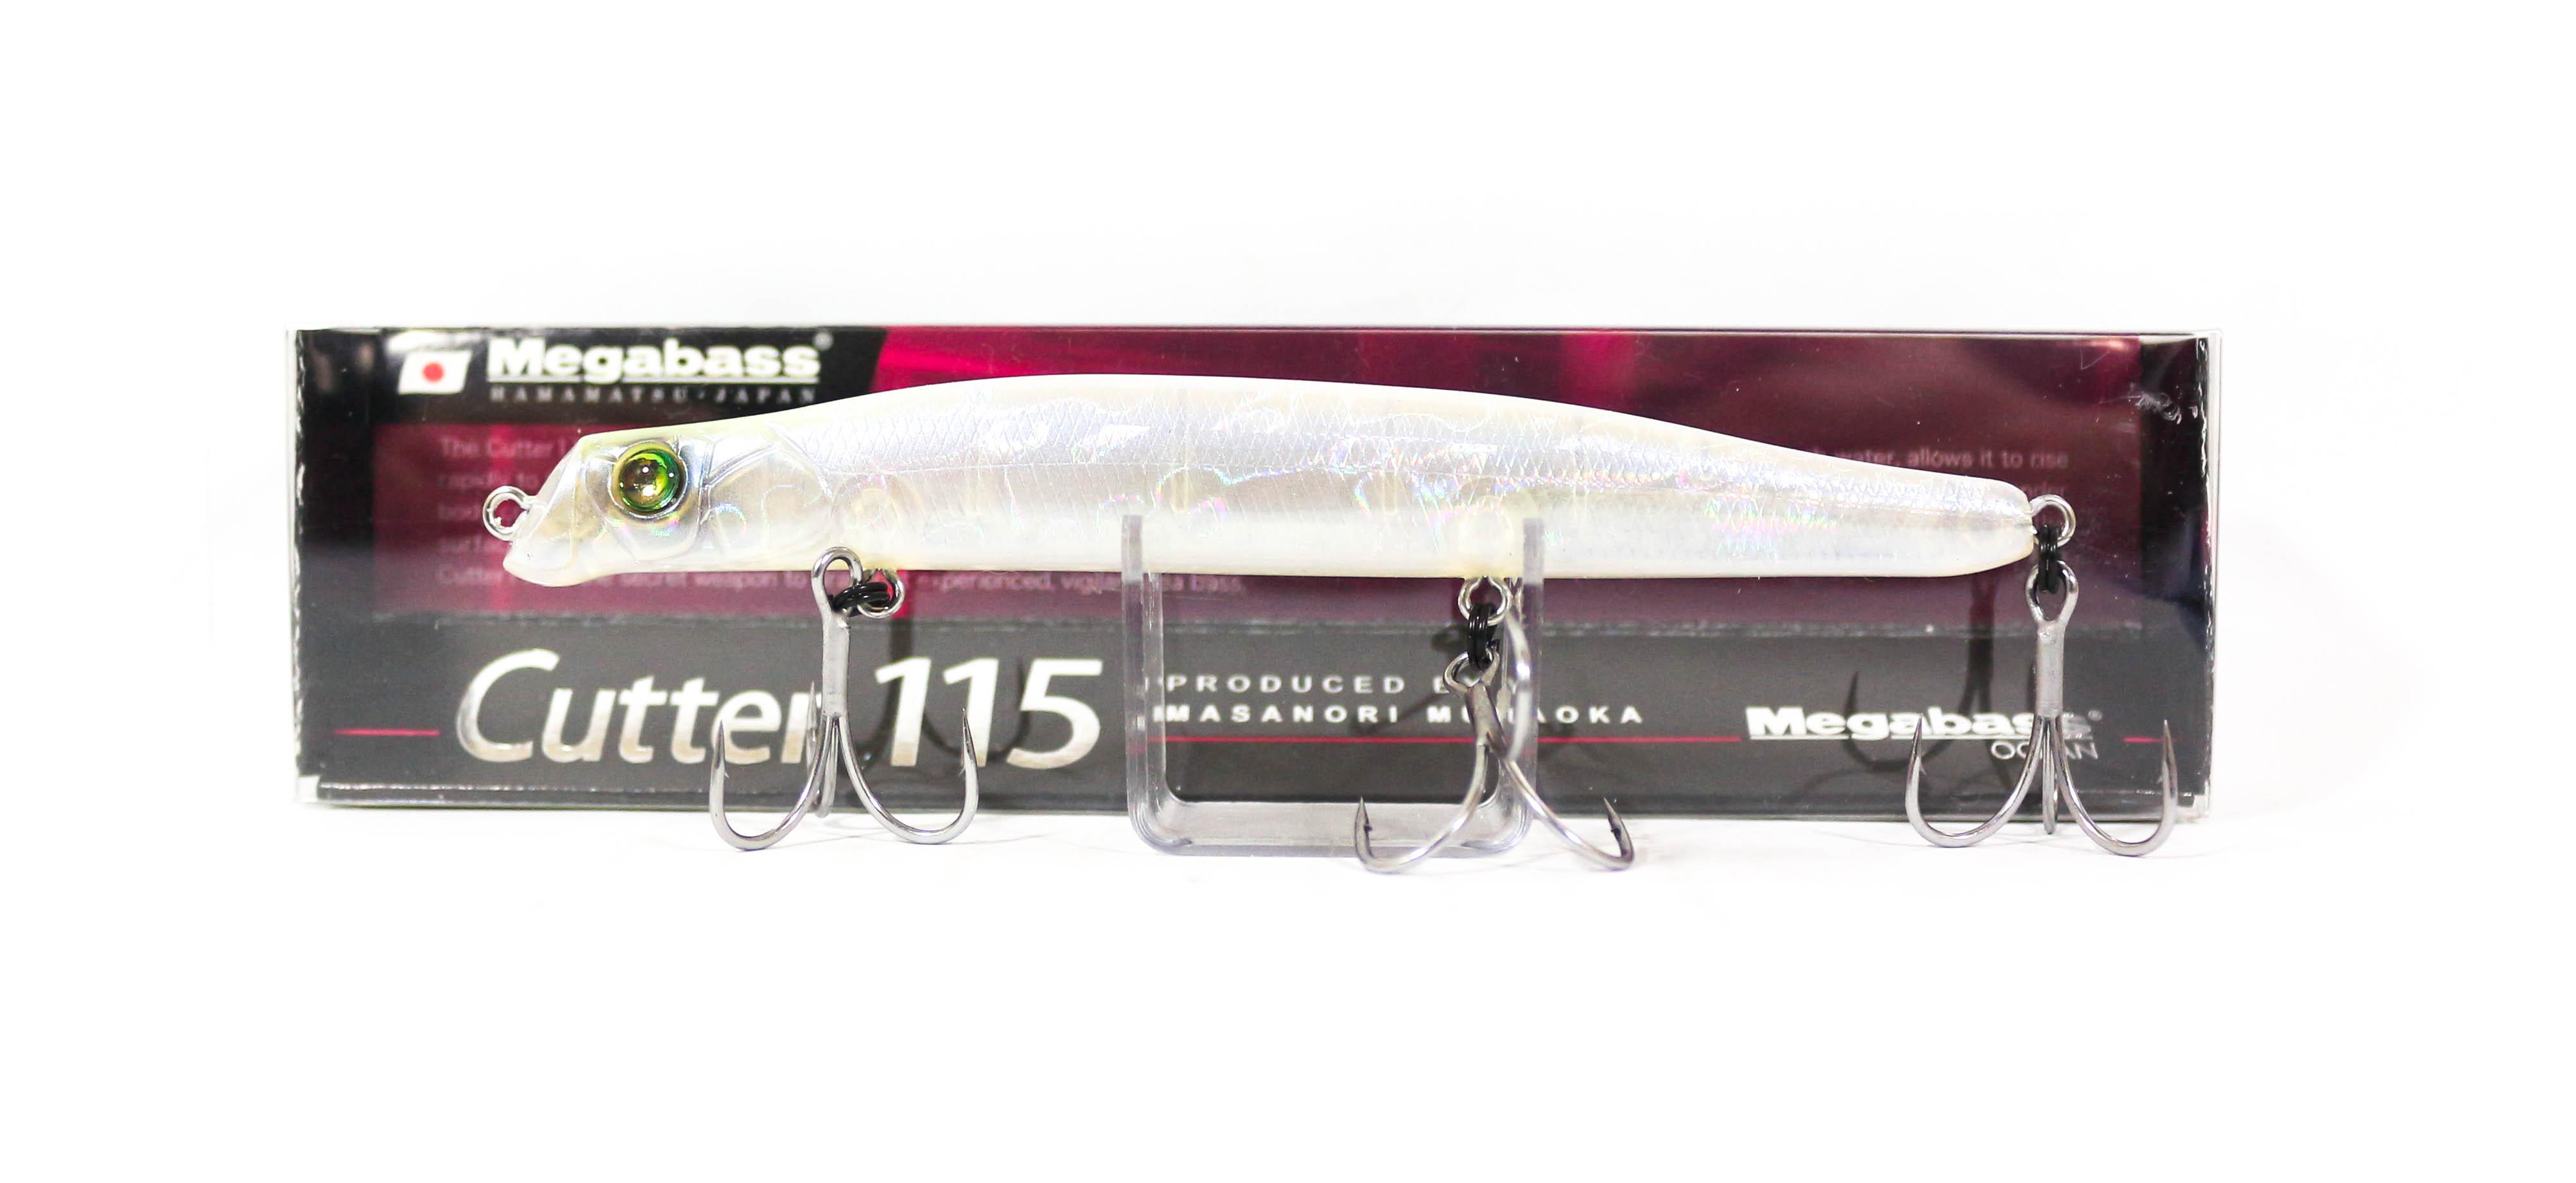 Megabass Cutter 115 SW Sinking Lure Shell Skin Lemon (9251)